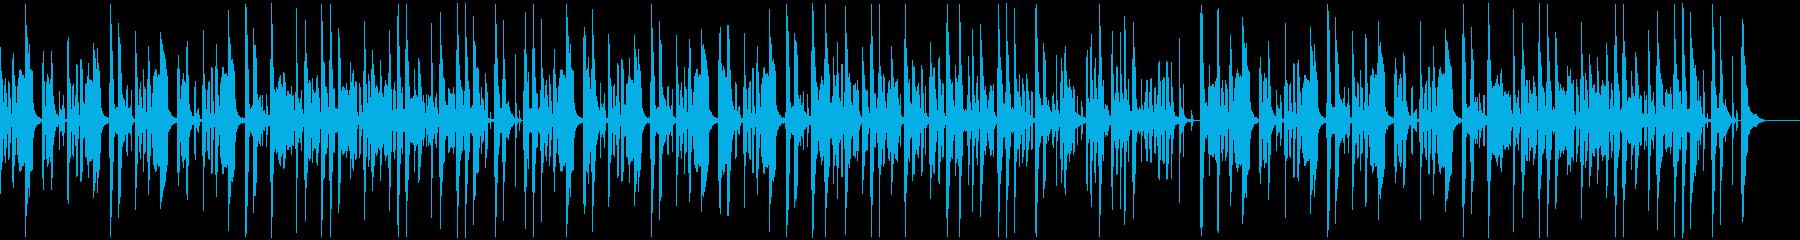 のんびり間抜けでかわいい日常曲の再生済みの波形